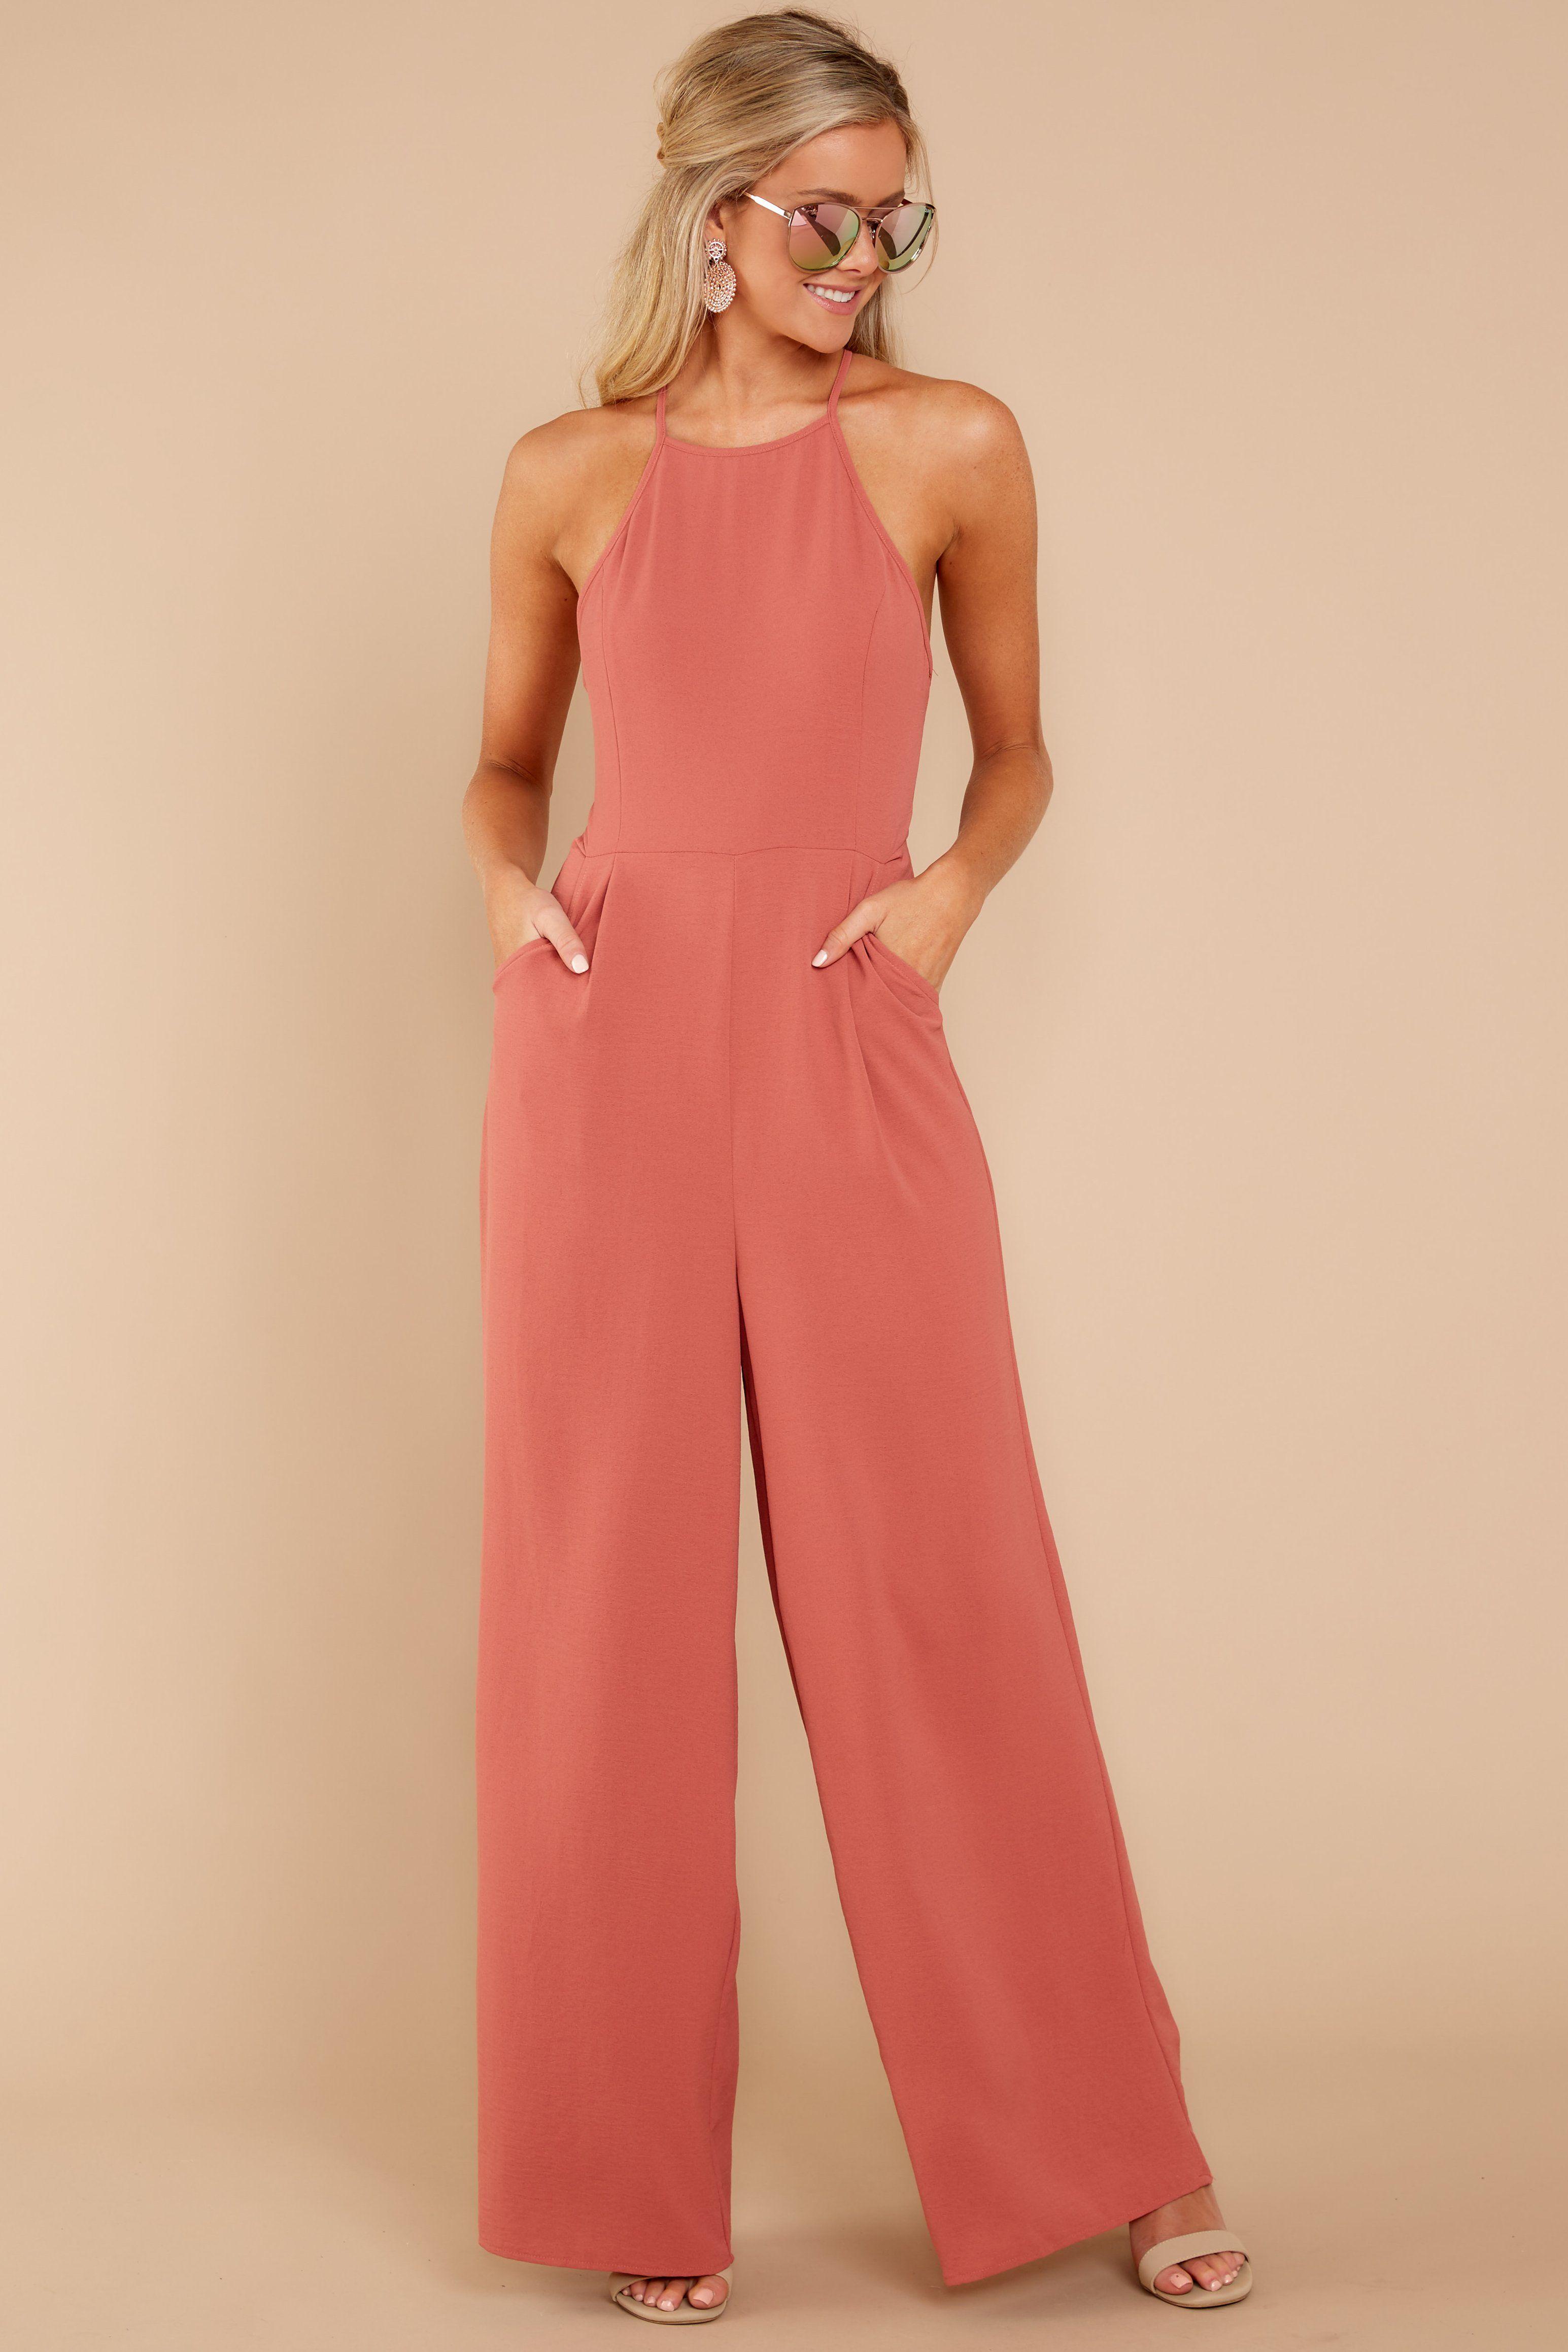 155206c296c Chic Salmon Pink Jumpsuit - Trendy Jumpsuit - Jumpsuit -  44.00 – Red Dress  Boutique